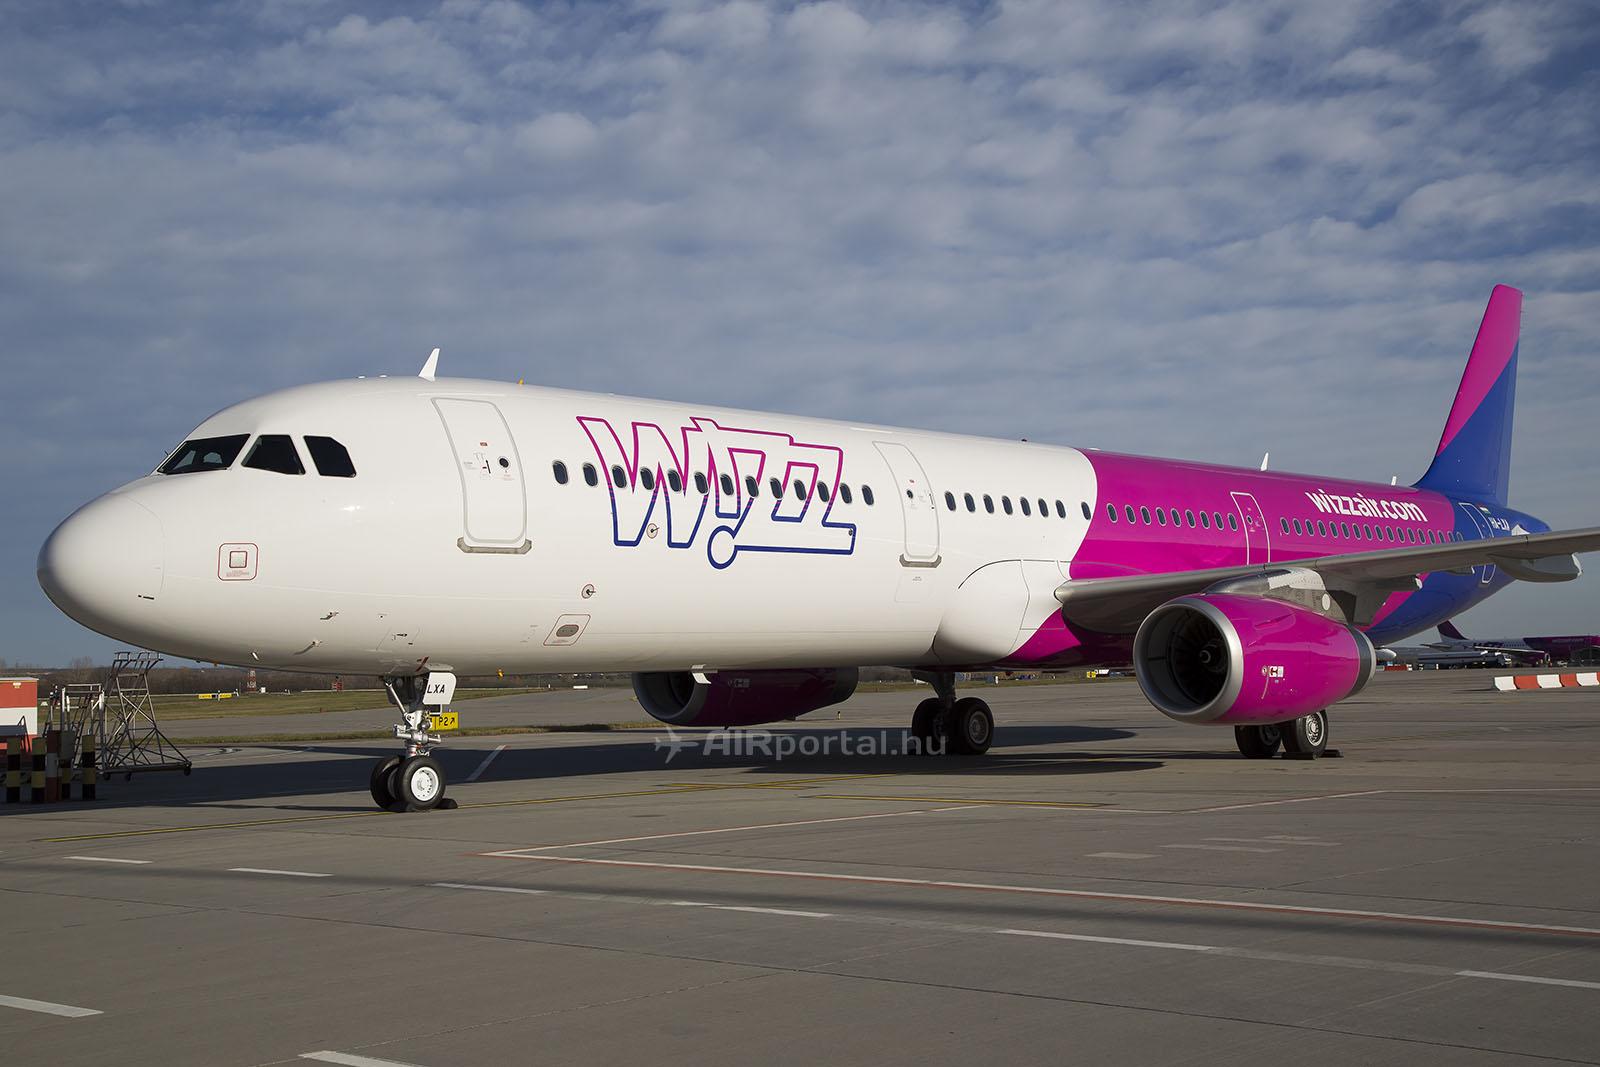 A Wizz Air ismét gazdagabb lett egy Airbus A321ceóval. Fotónk egy korábbi példányról készült. (Fotó: AIRportal.hu) | © AIRportal.hu